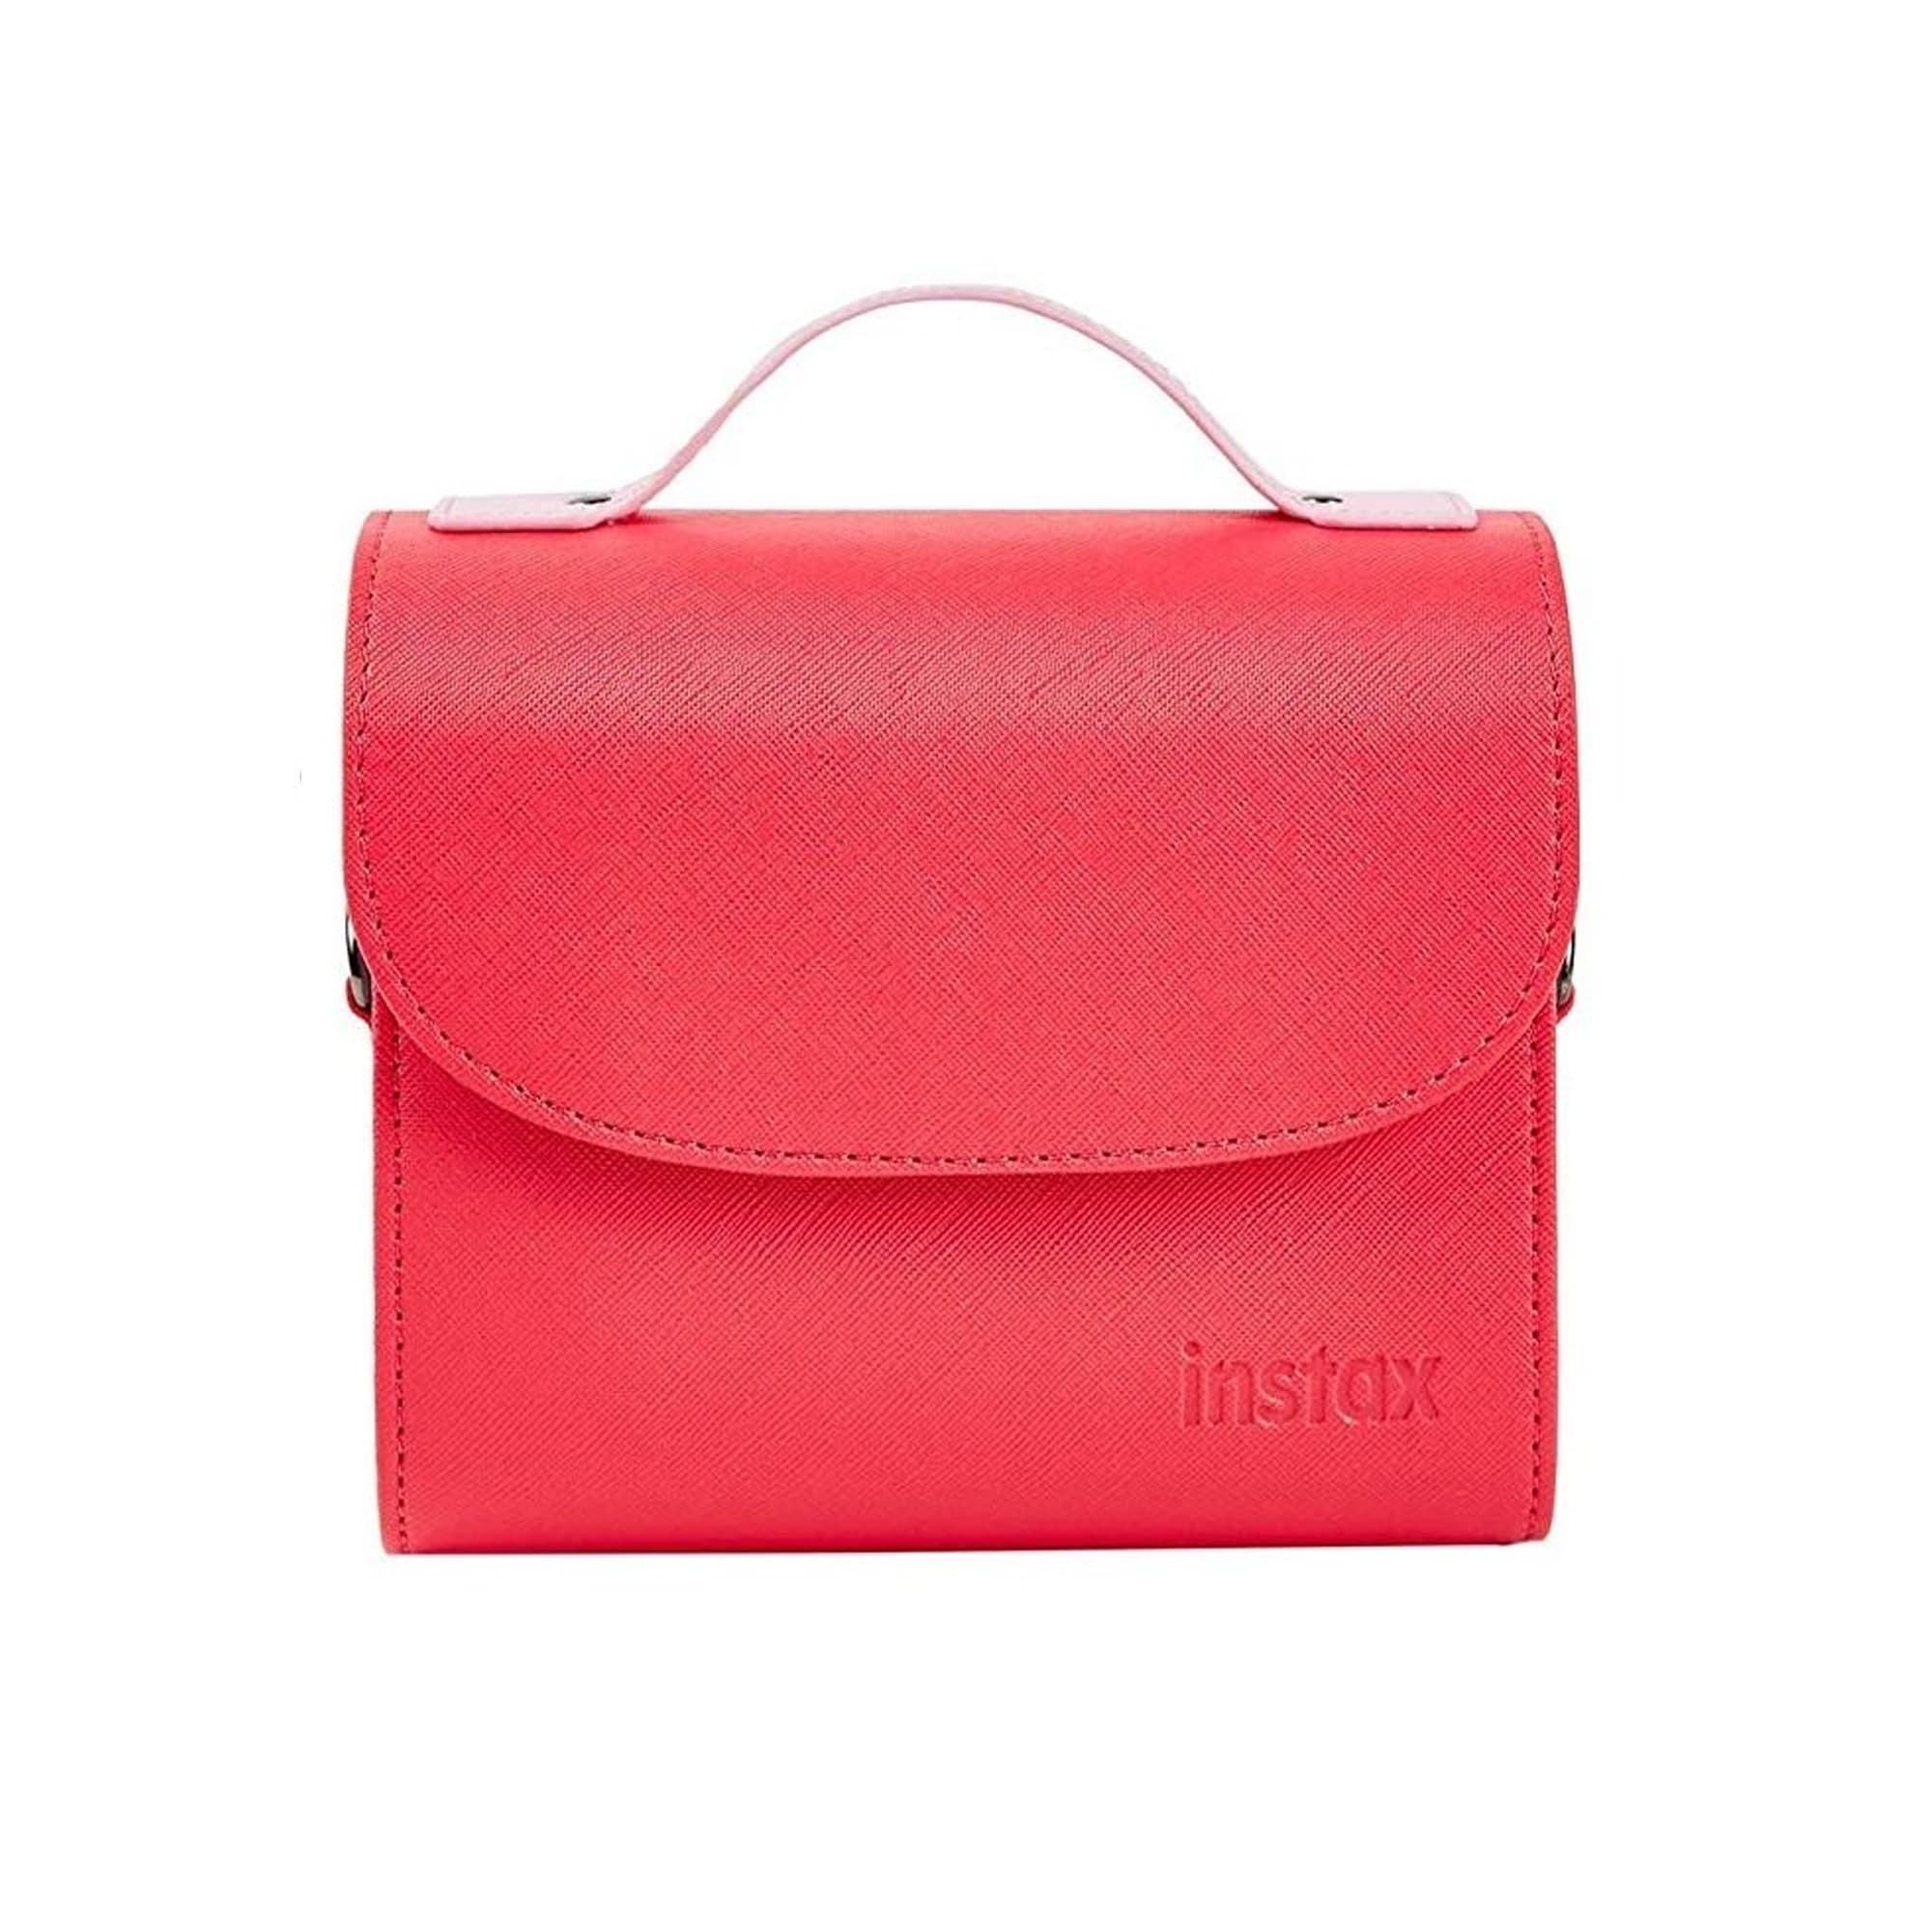 Fujifilm Instax Mini 9 Väska Flamingo Pink Med Handtag